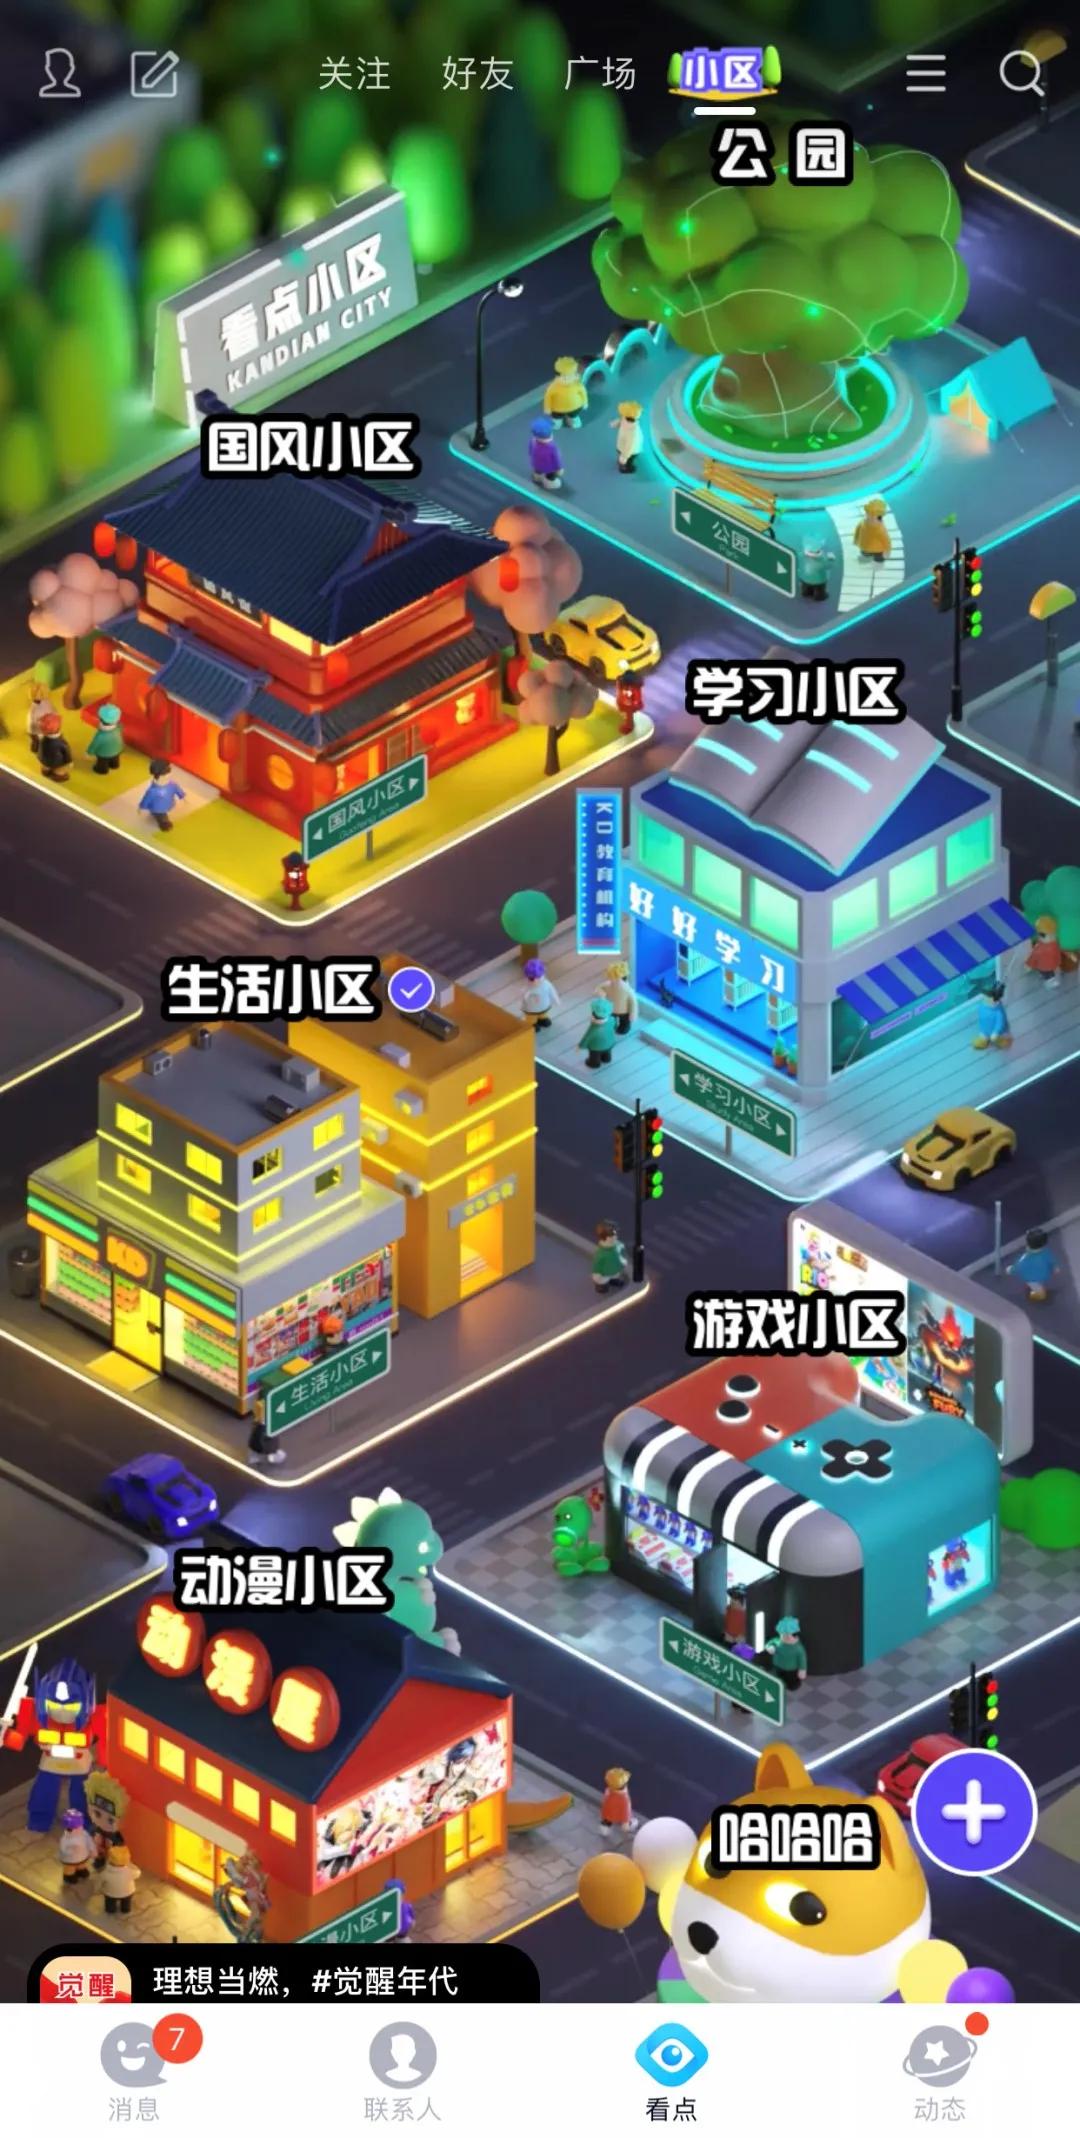 「QQ看点」如何打造Z时代最爱的新内容社区